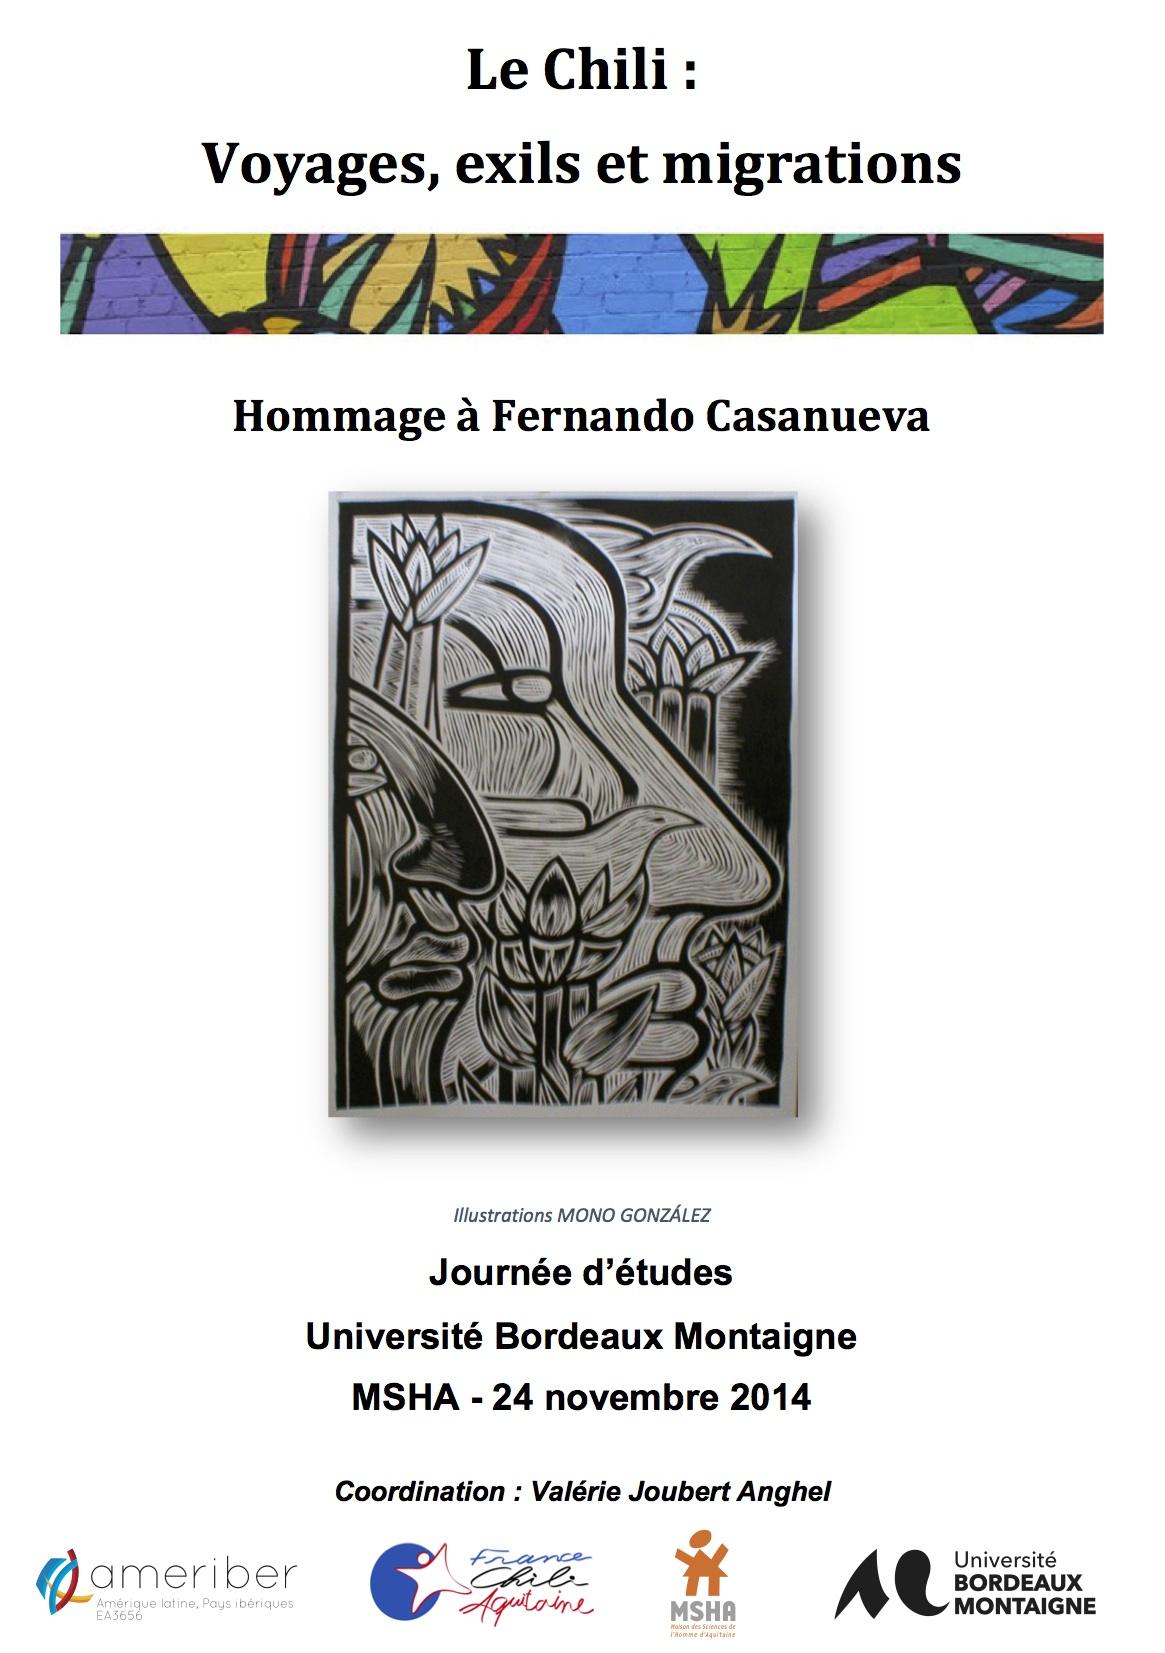 2014_12_24_Programme-Colloque-Chili-Bordeaux